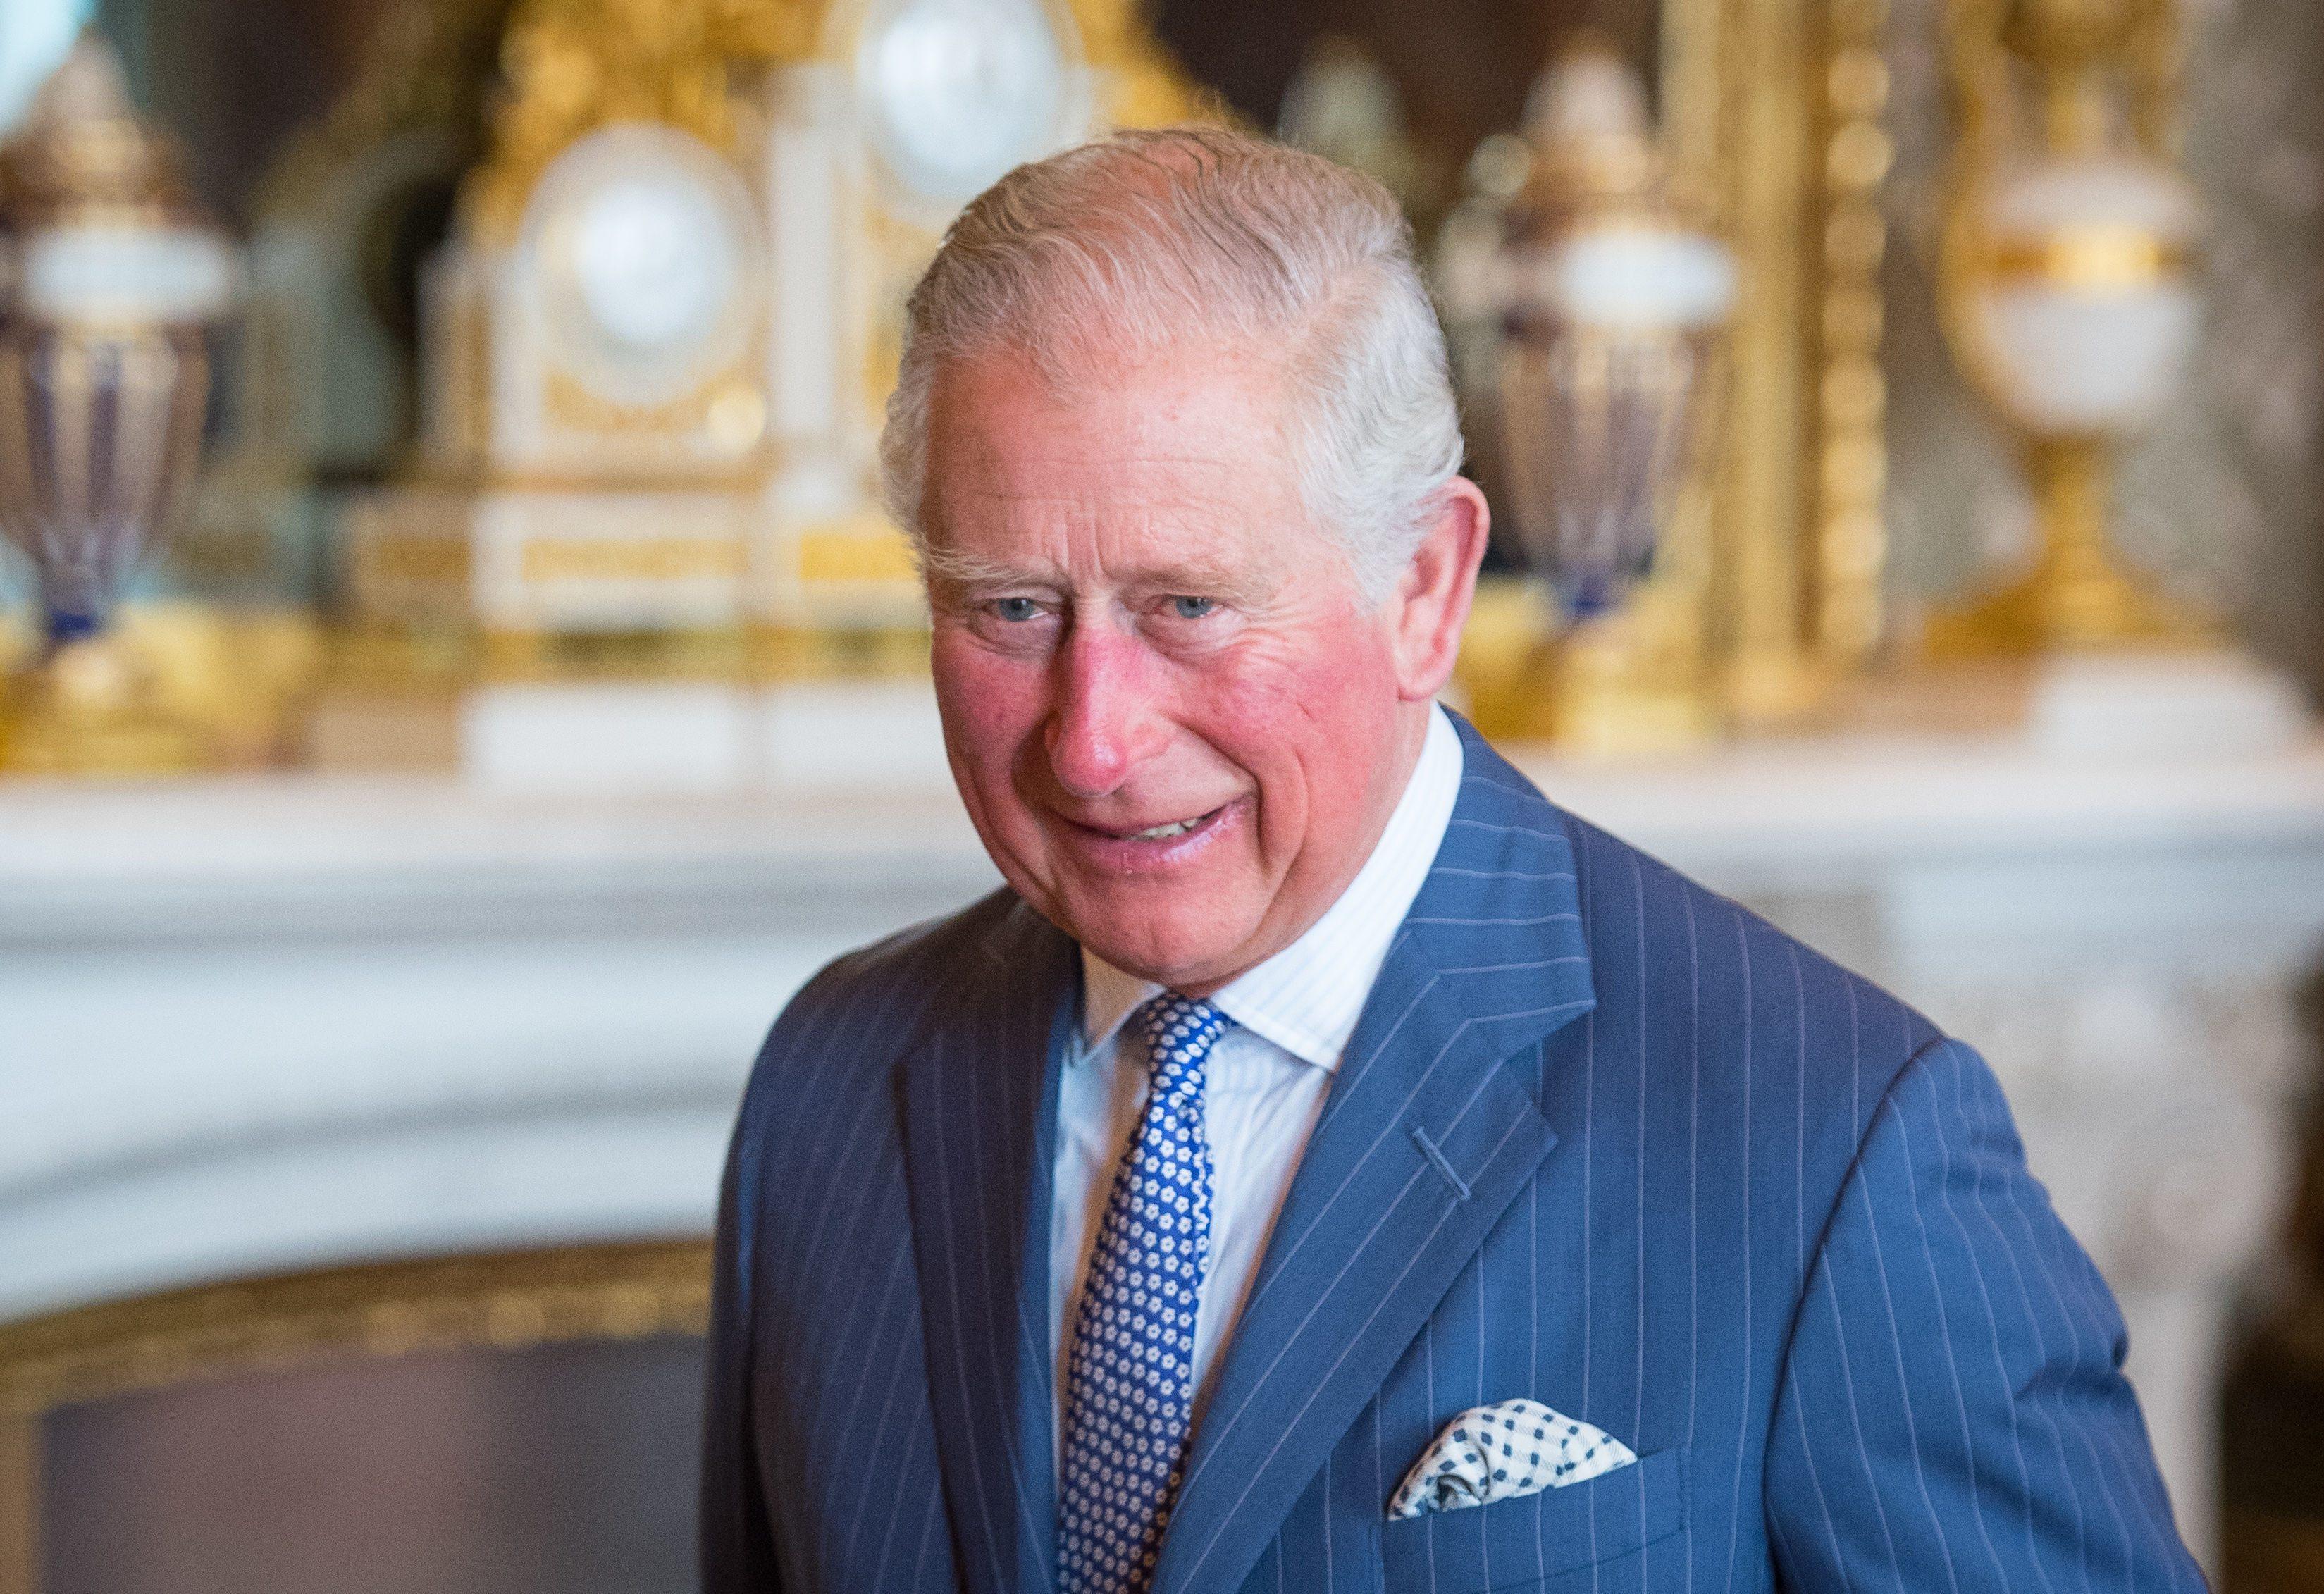 Costume Da Bagno Femminile In Inglese : Il principe carlo in costume alle barbados a anni ha ancora un